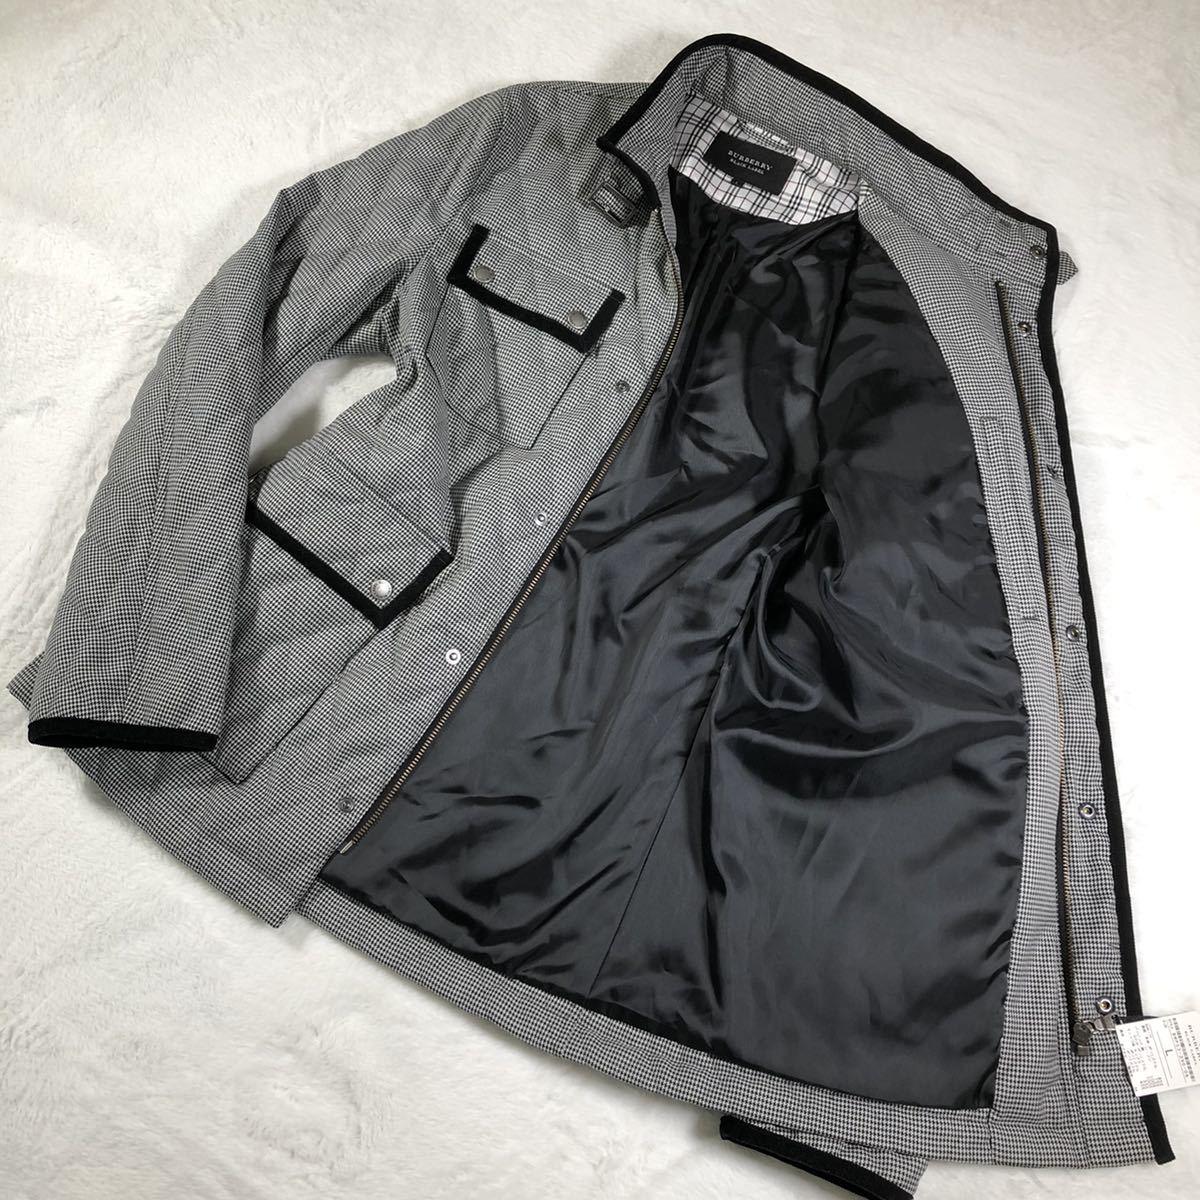 【ほぼ新品・極希少】バーバリーブラックレーベル キルティングジャケット 千鳥格子 Lサイズ BURBERRY BLACK LABEL アウター ブルゾン_画像5